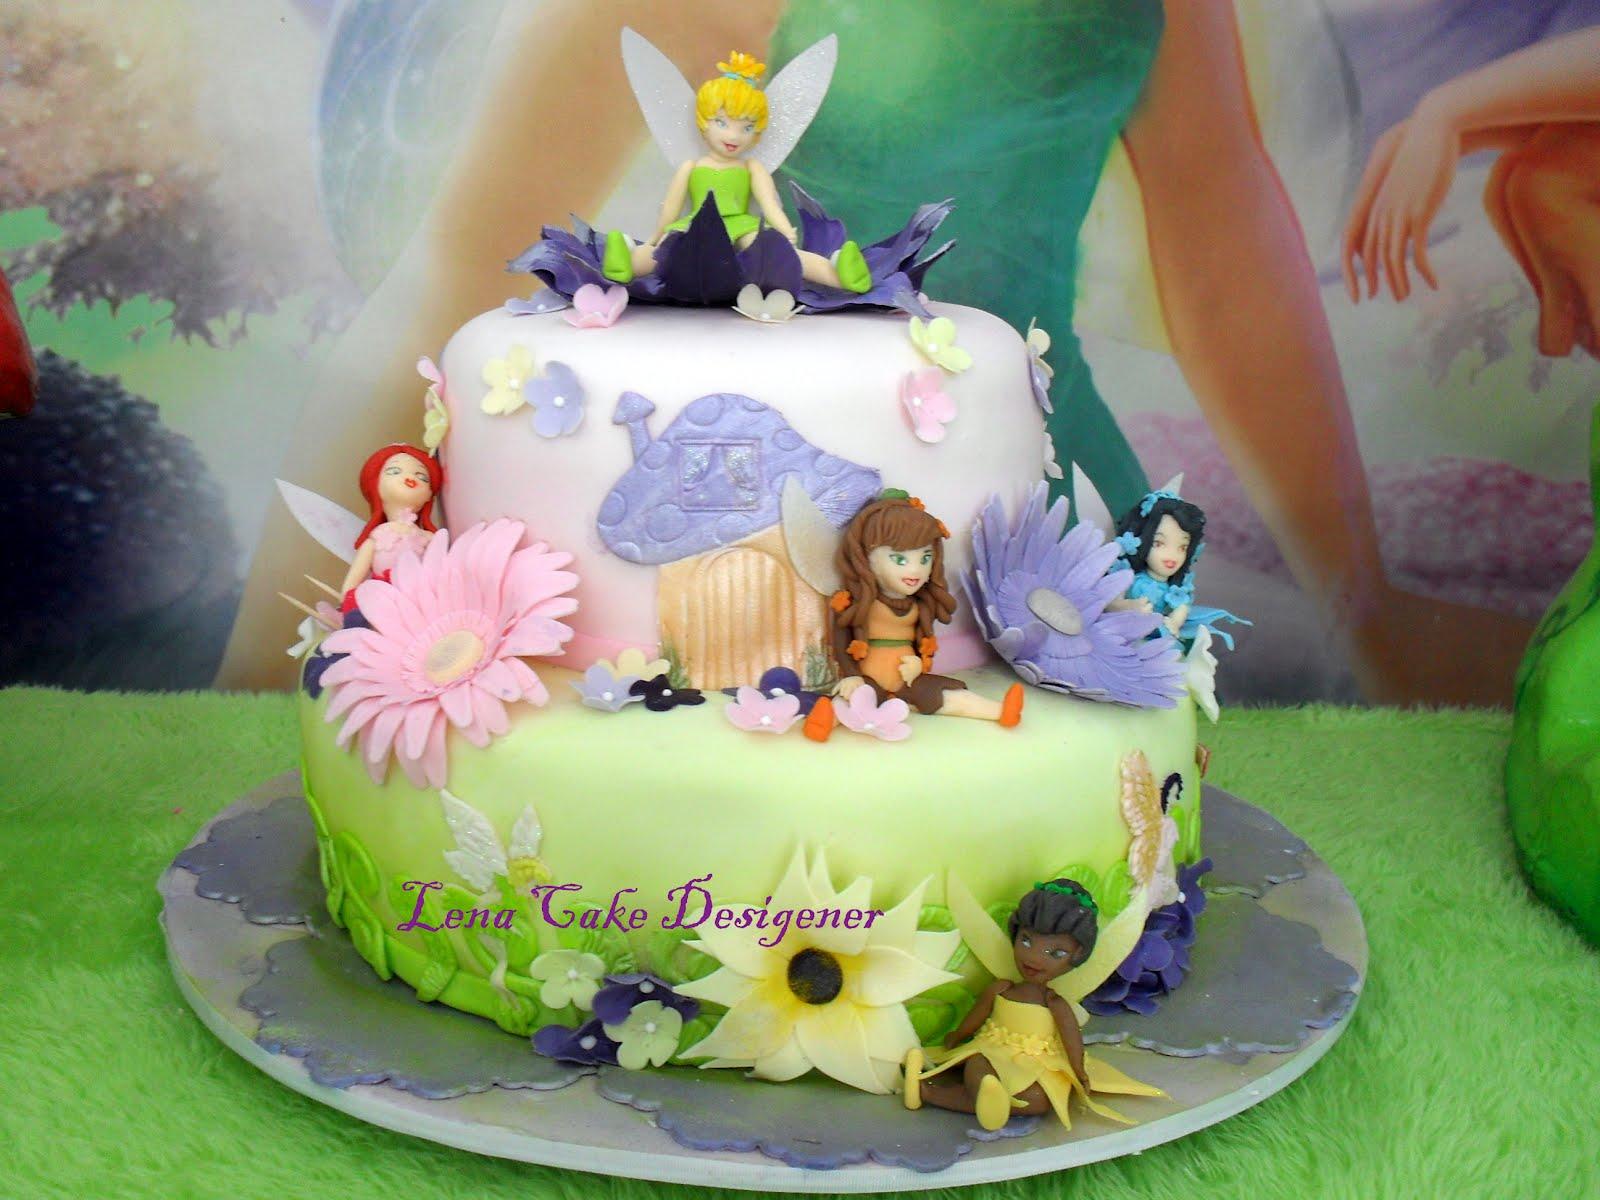 Lena bolos decorados bolo das fadas for En 8 dias cumplo anos